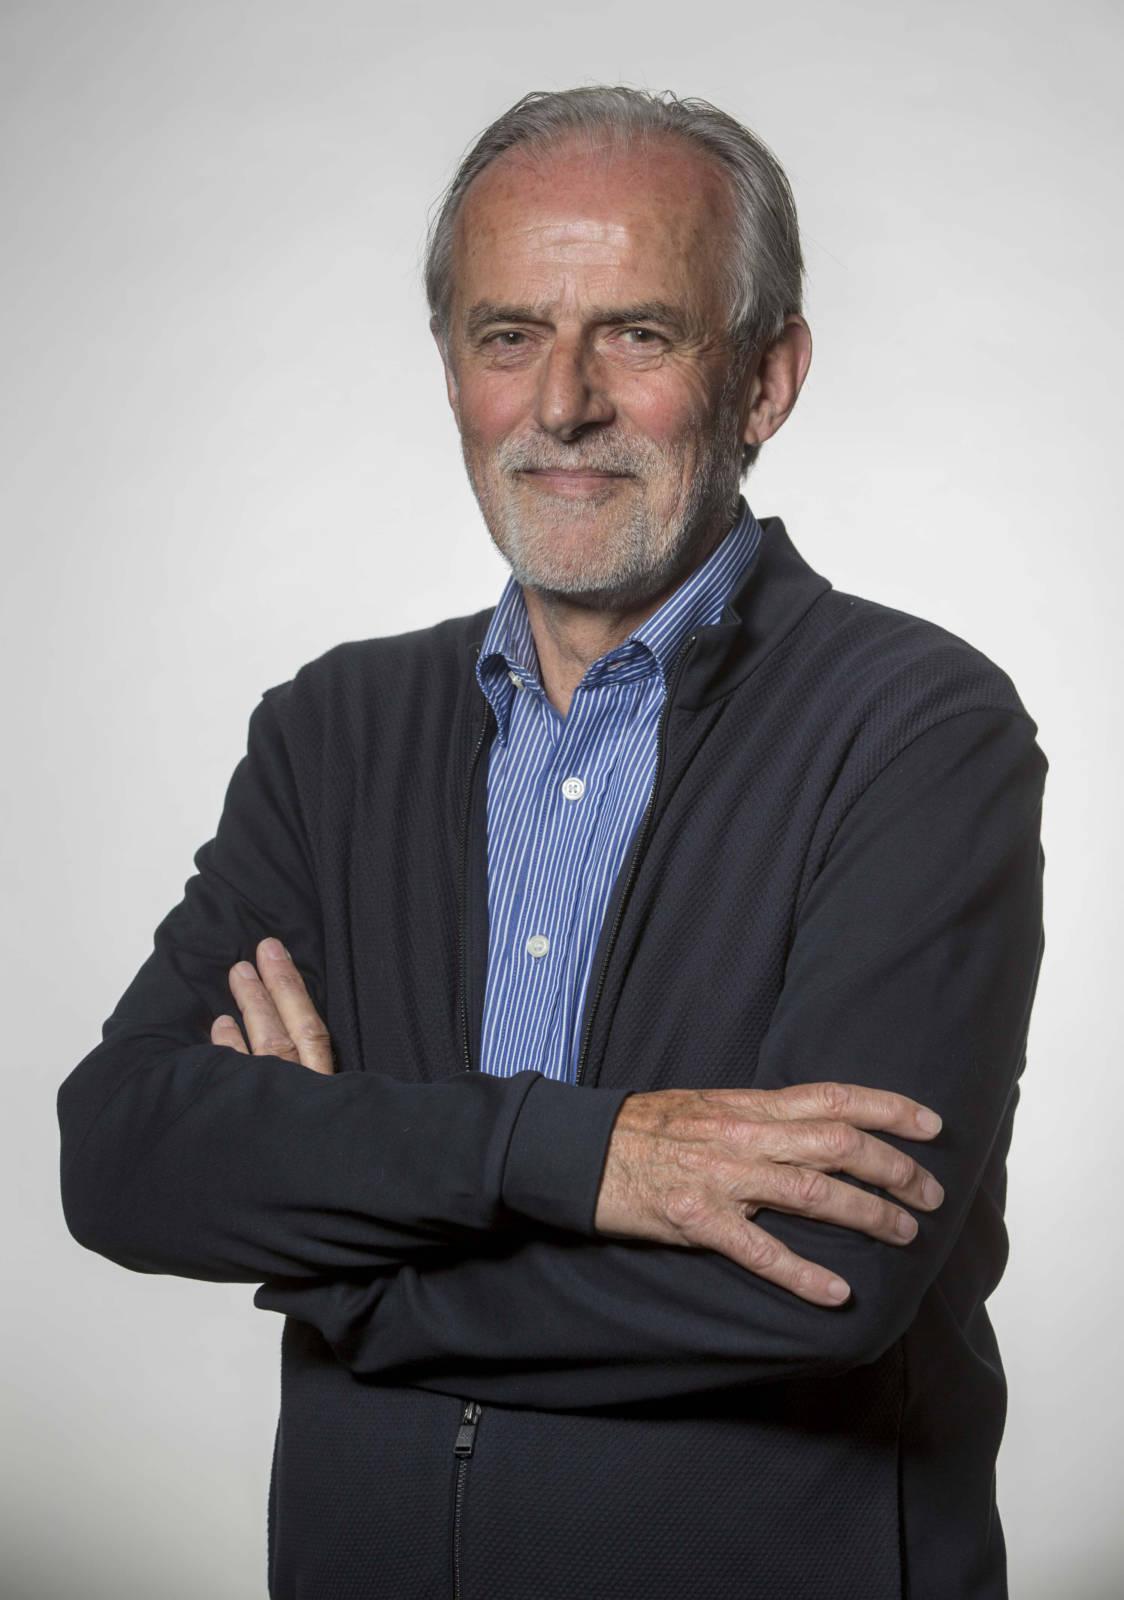 John Schreijer